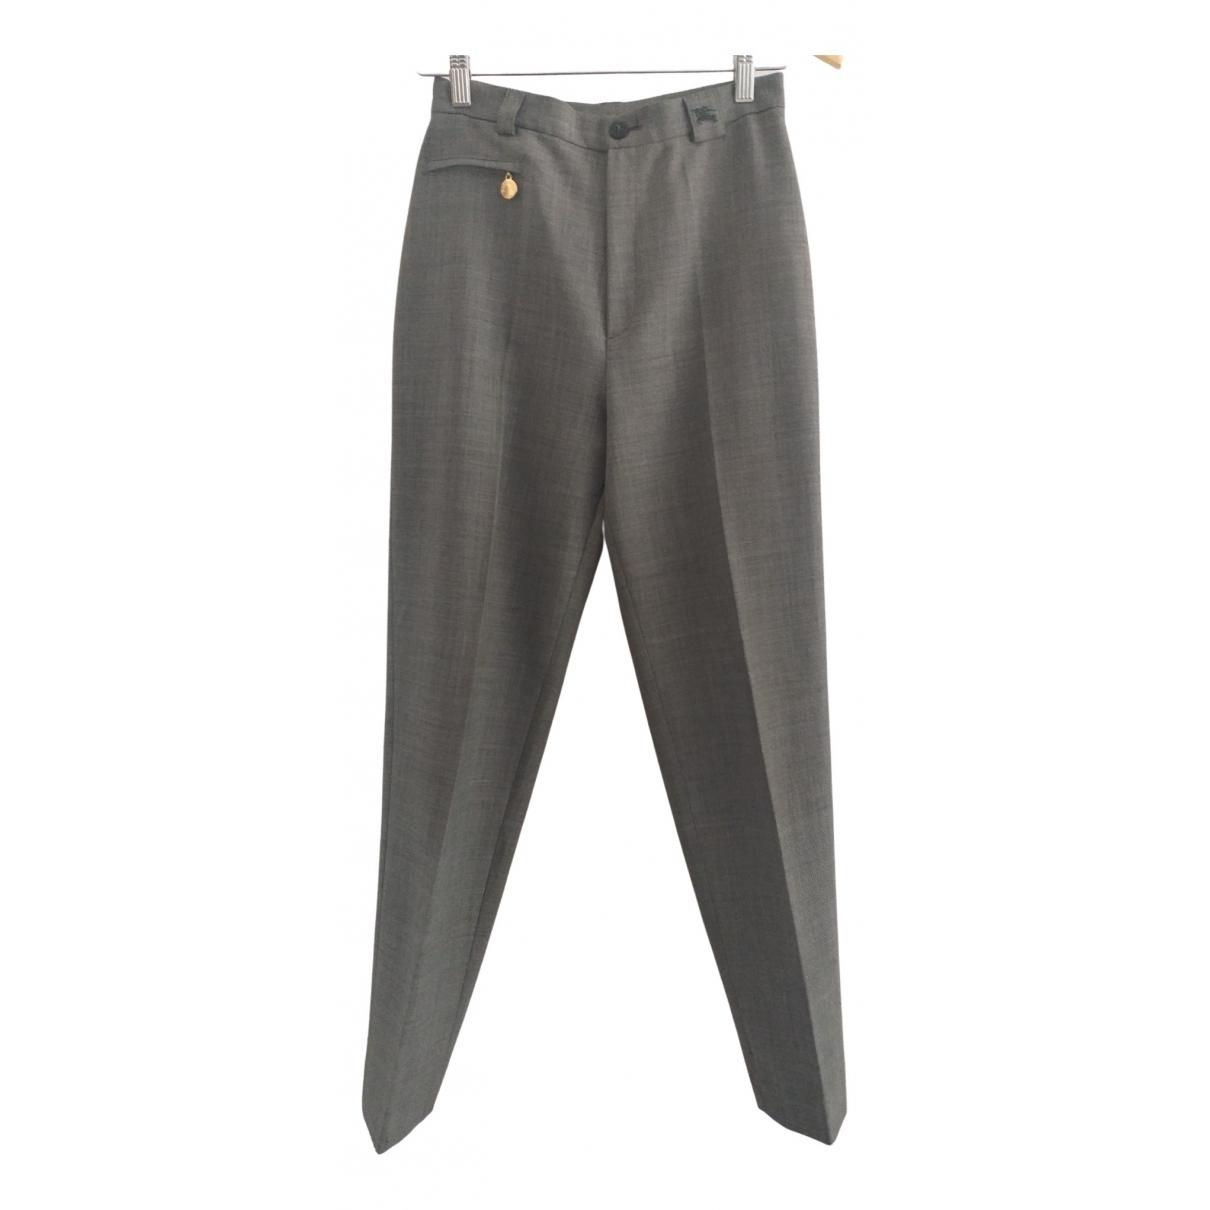 Burberry - Pantalon   pour femme - gris